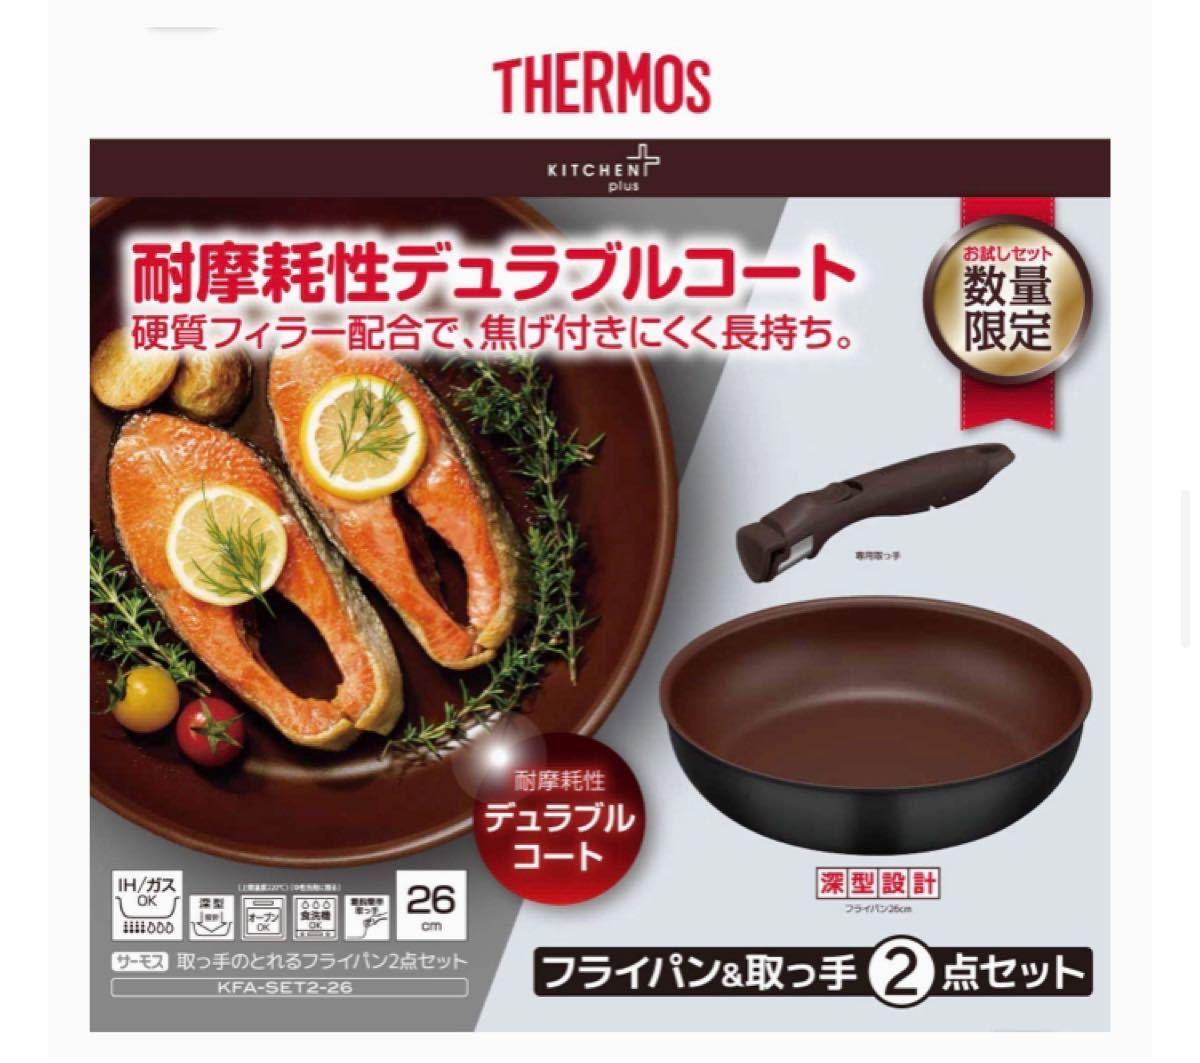 サーモス(THERMOS) デュラブルコート 取っ手のとれるフライパン 26cm IH対応 ブラック+専用取っ手付き 新品